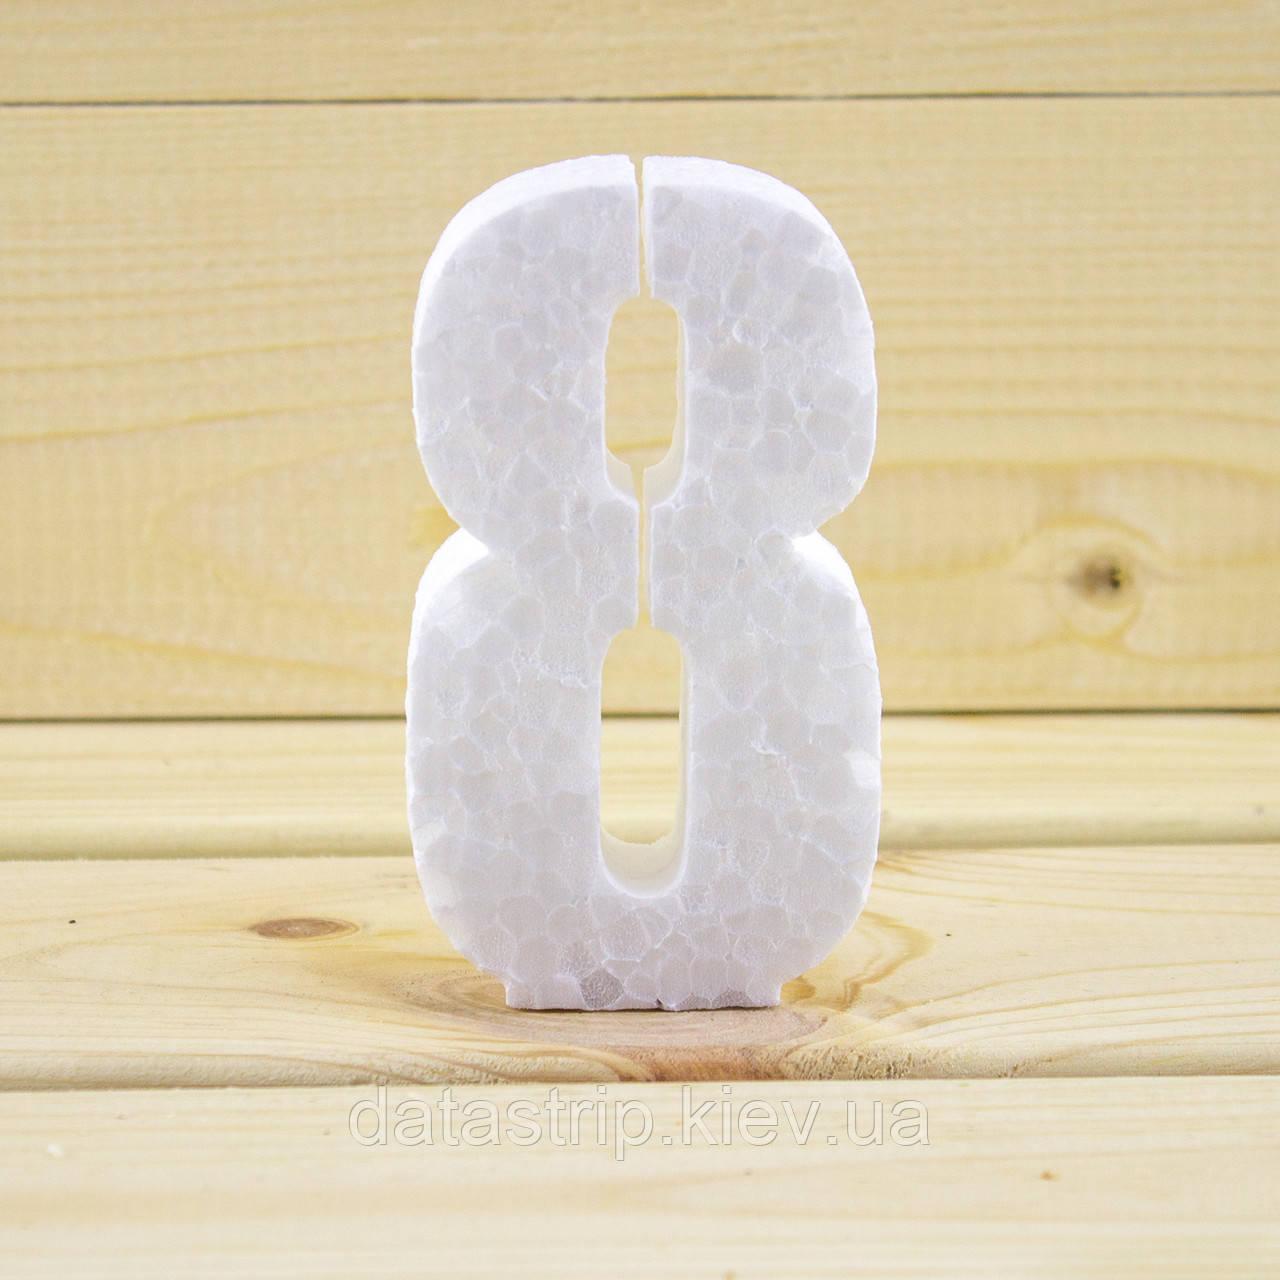 Цифра 8 из пенопласта, толщина 10 см